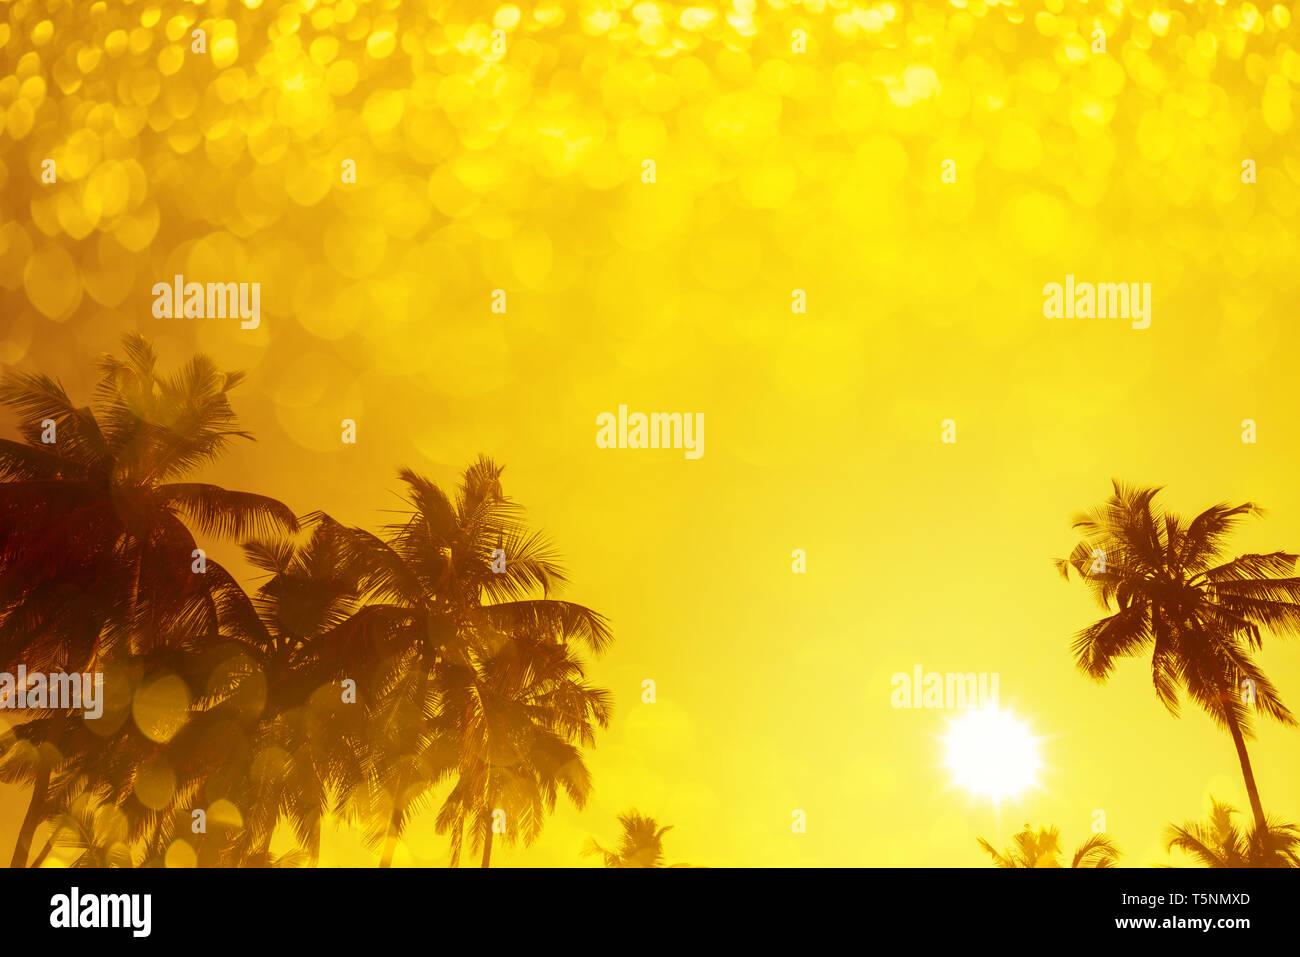 Dust Glitter Overlay Stock Photos & Dust Glitter Overlay